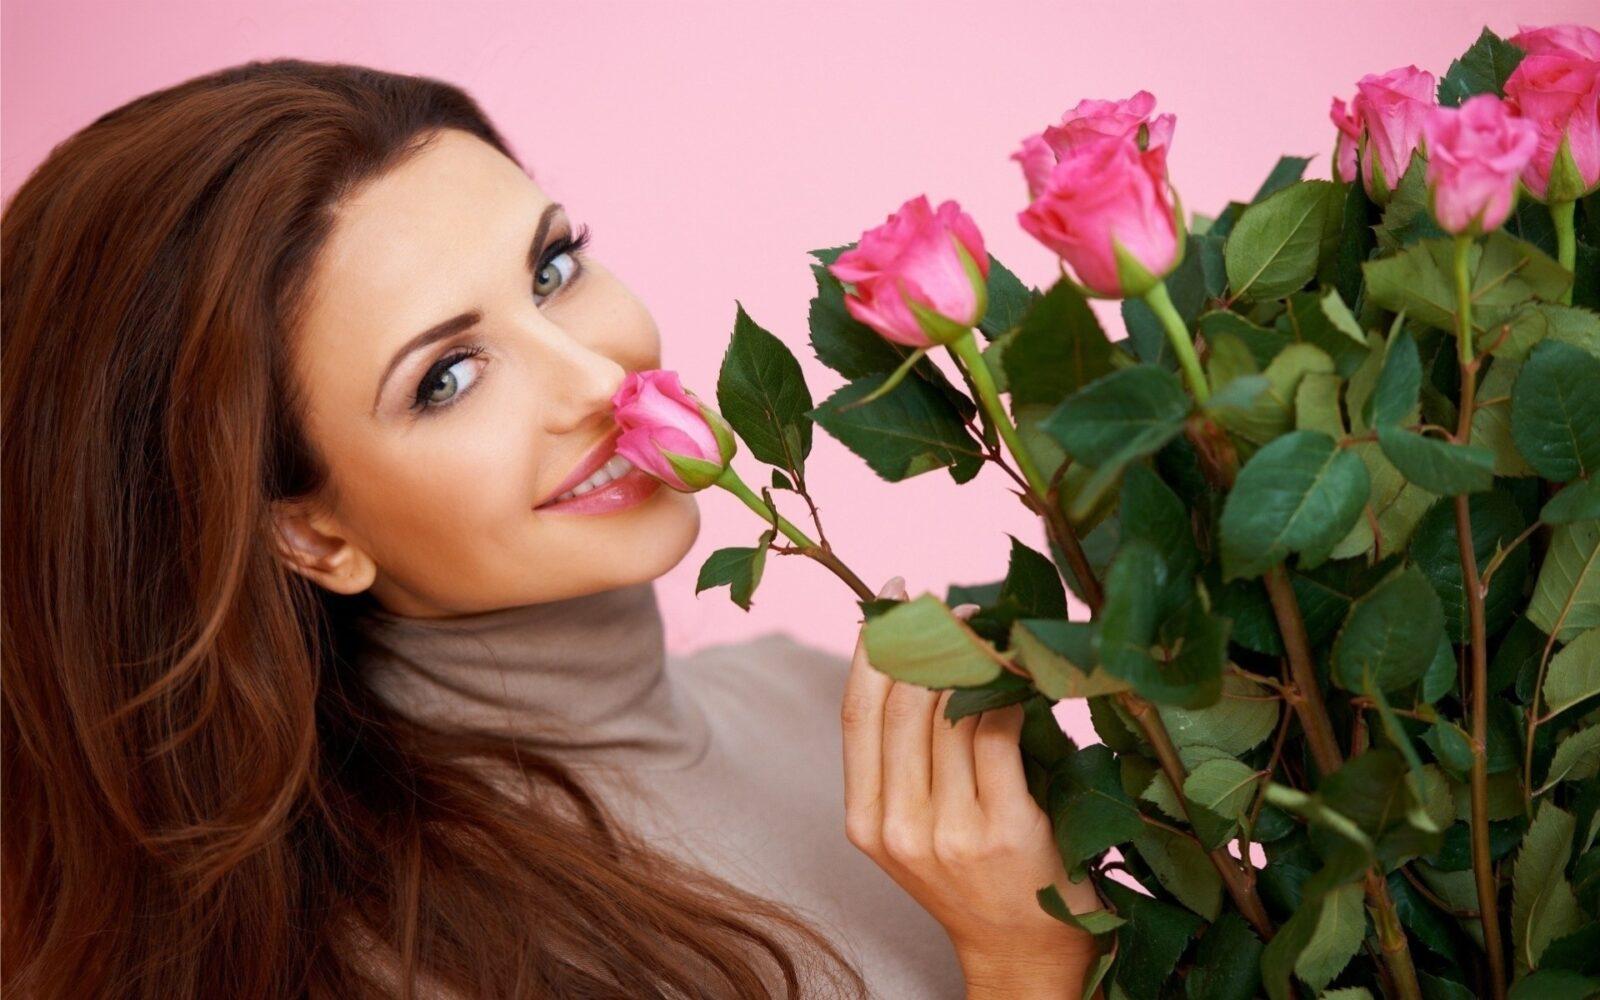 «Свой» запах – это отличный выбор для парфюма и друзей, но очень плохой – для отношений.